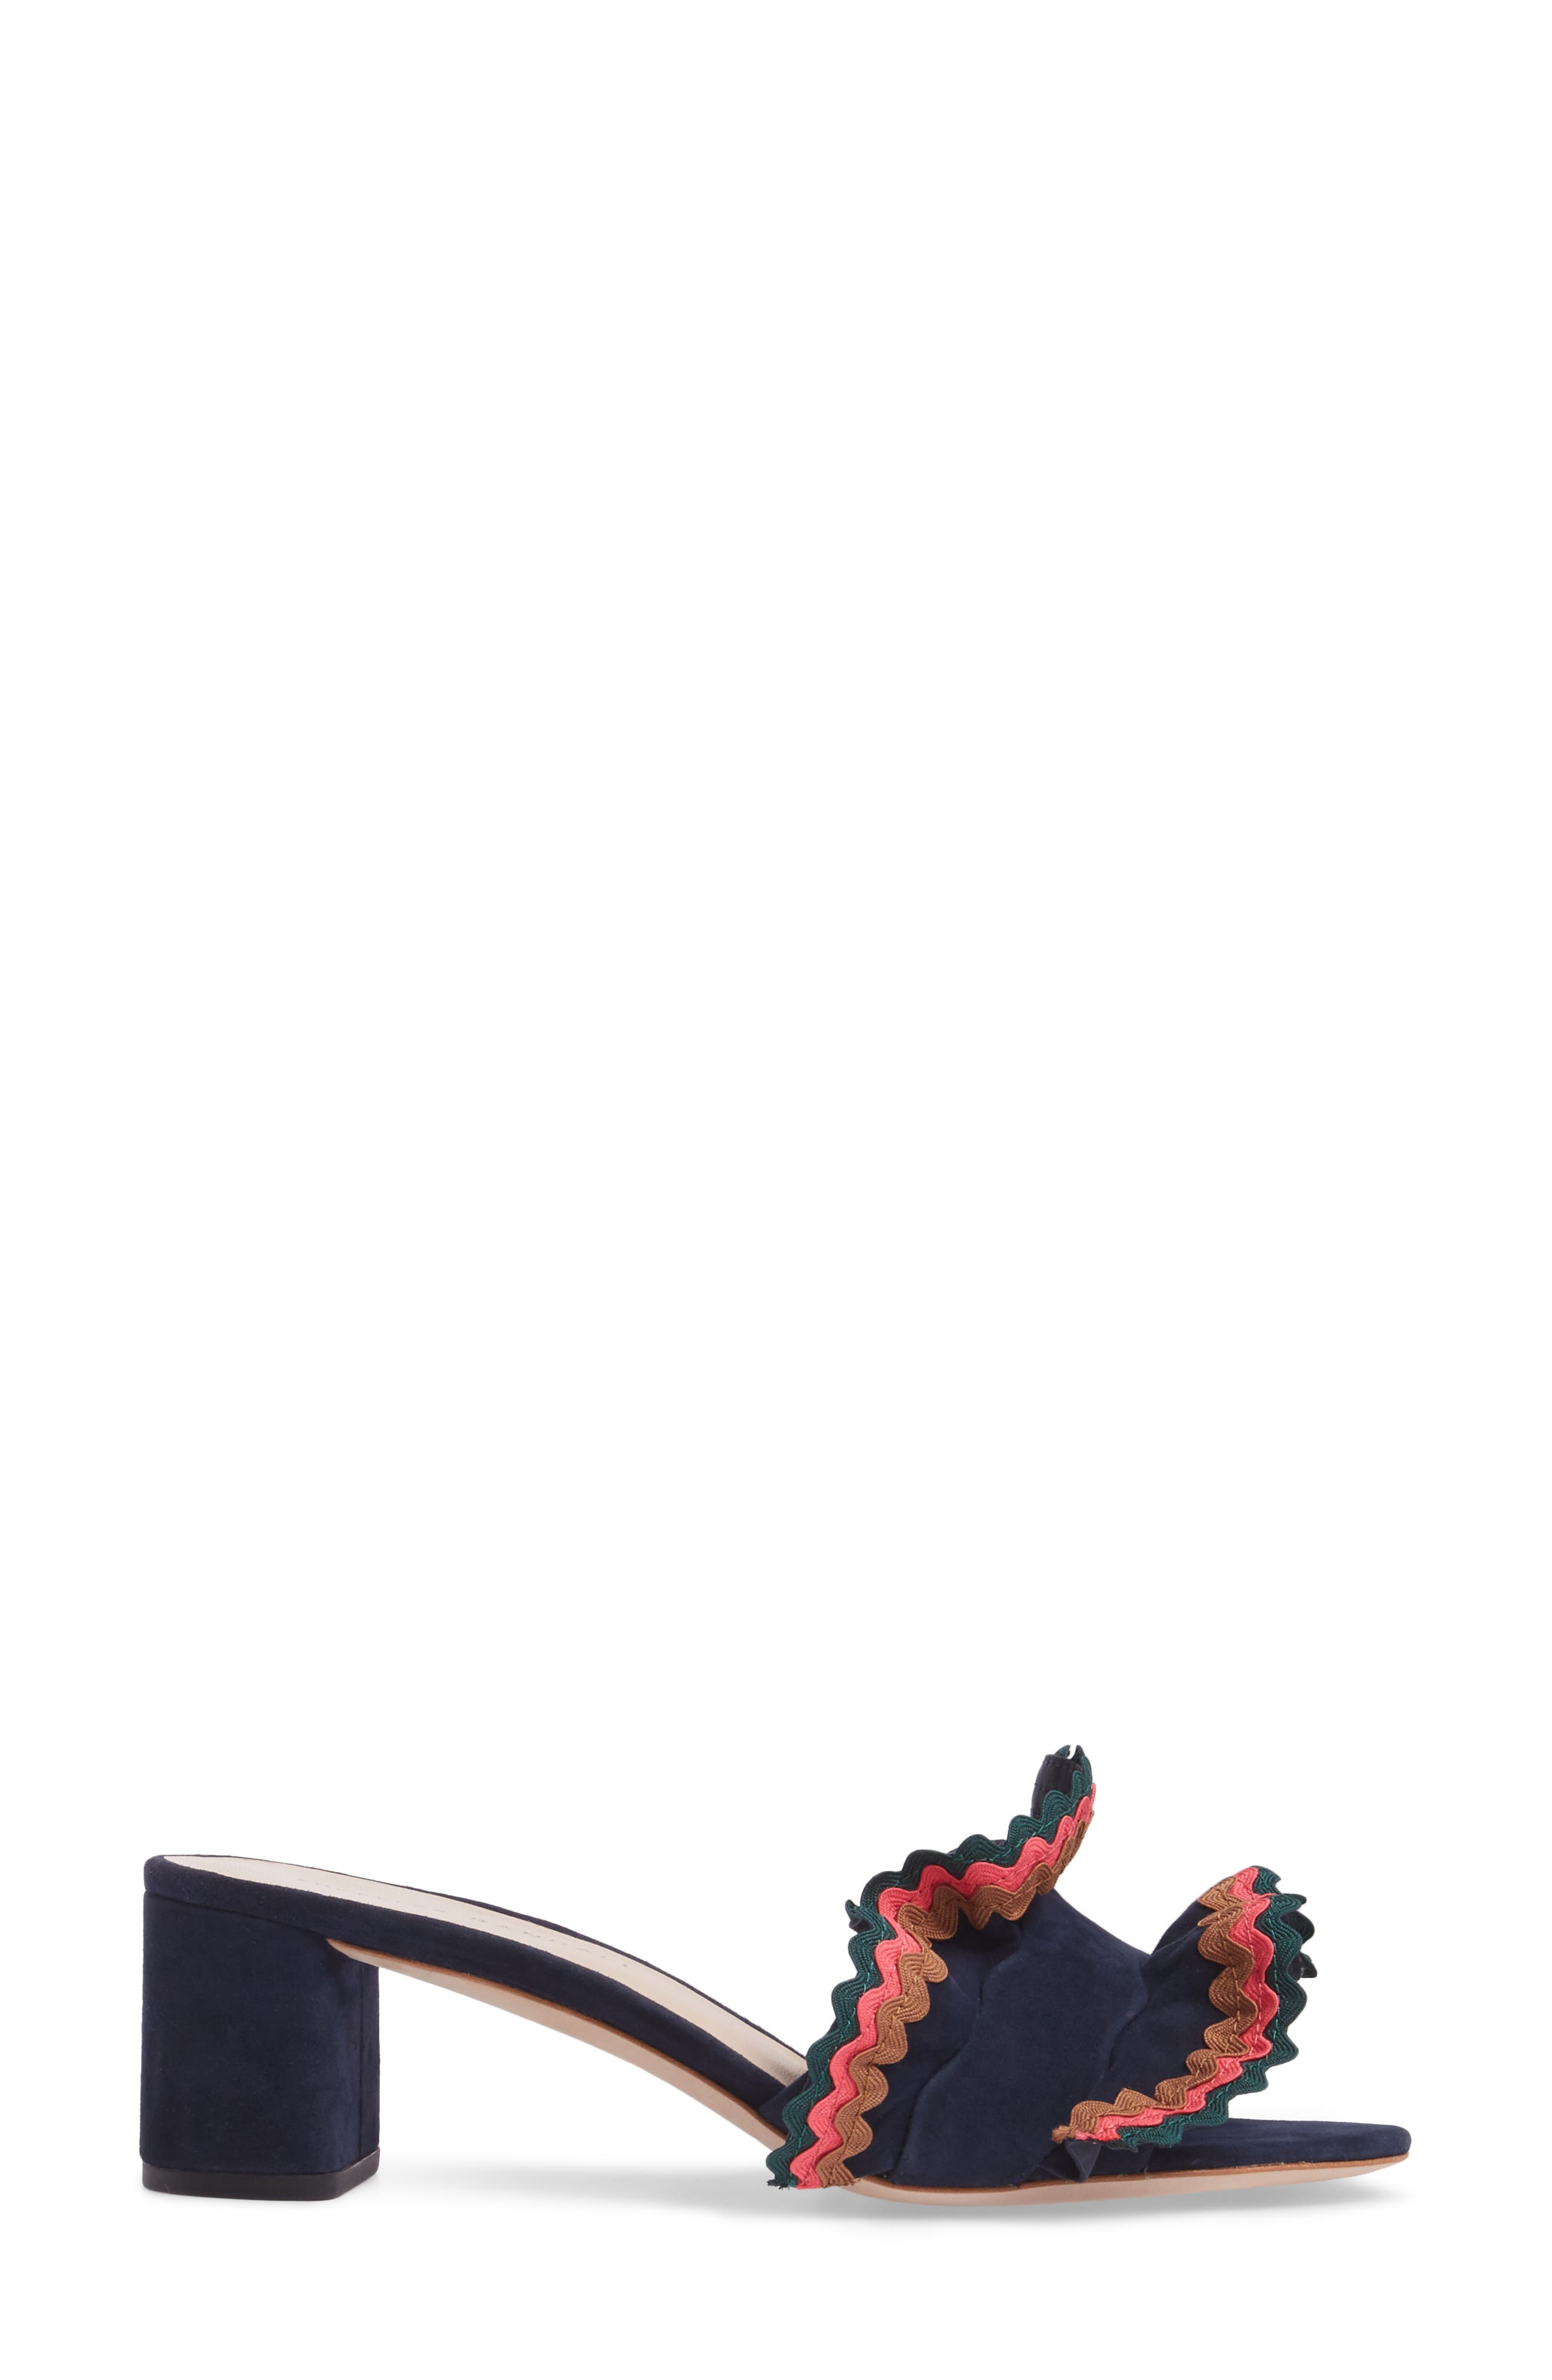 Alternate Image 3  - Loeffler Randall Vera Ruffled Slide Sandal (Women)